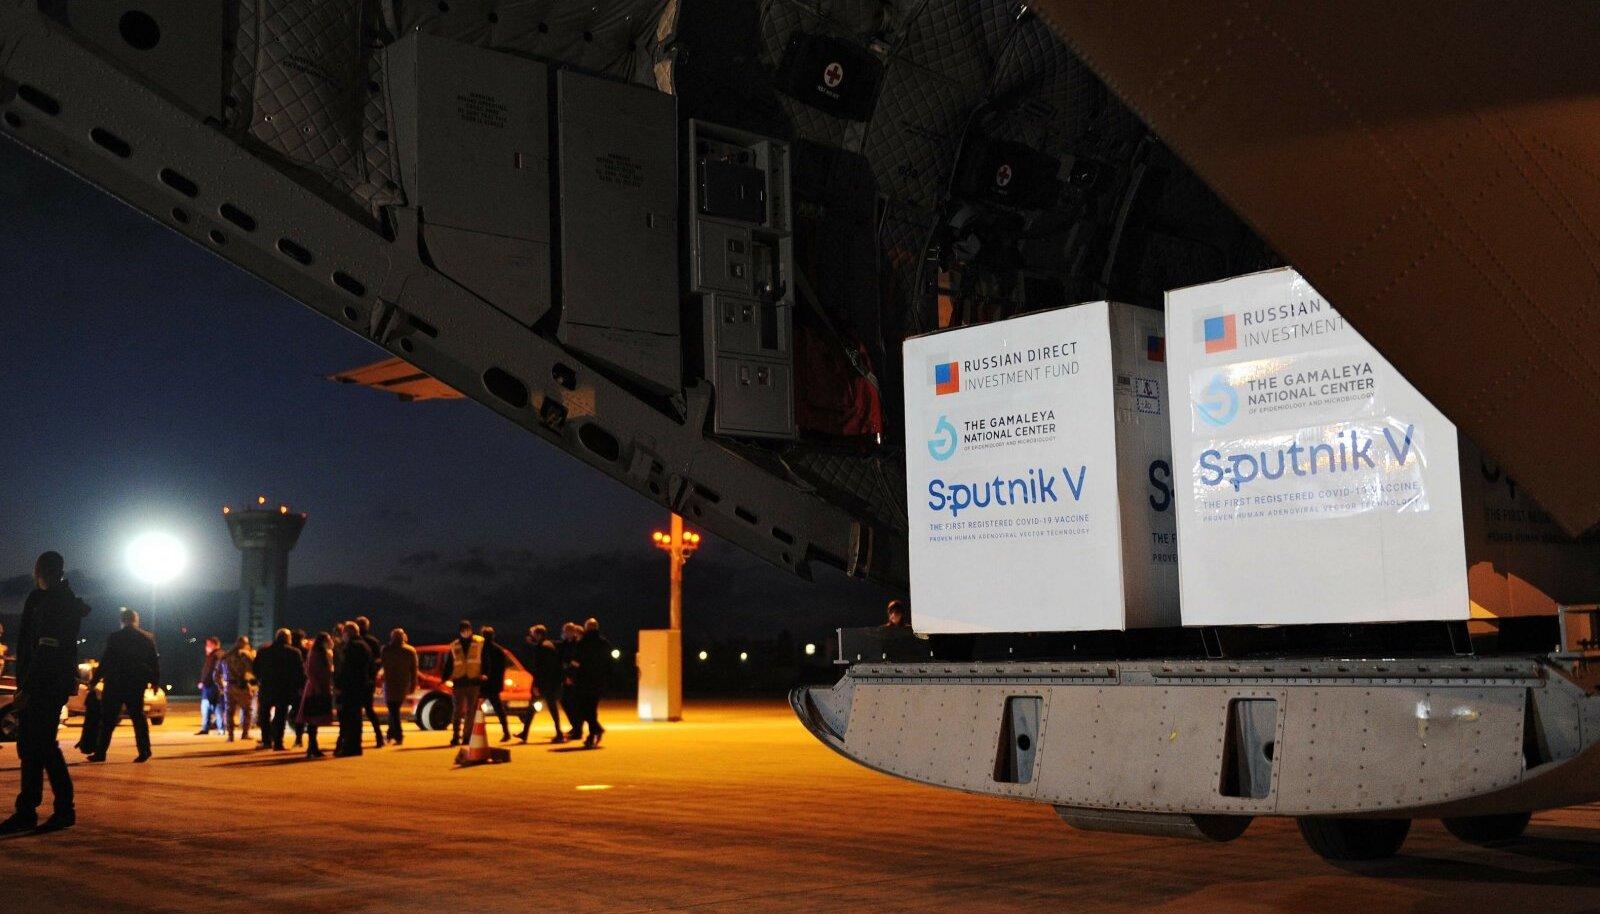 Esmaspäeval jõudis Moskvast Slovakkiasse oodatud saadetis: suured kastid Sputnik V vaktsiini.